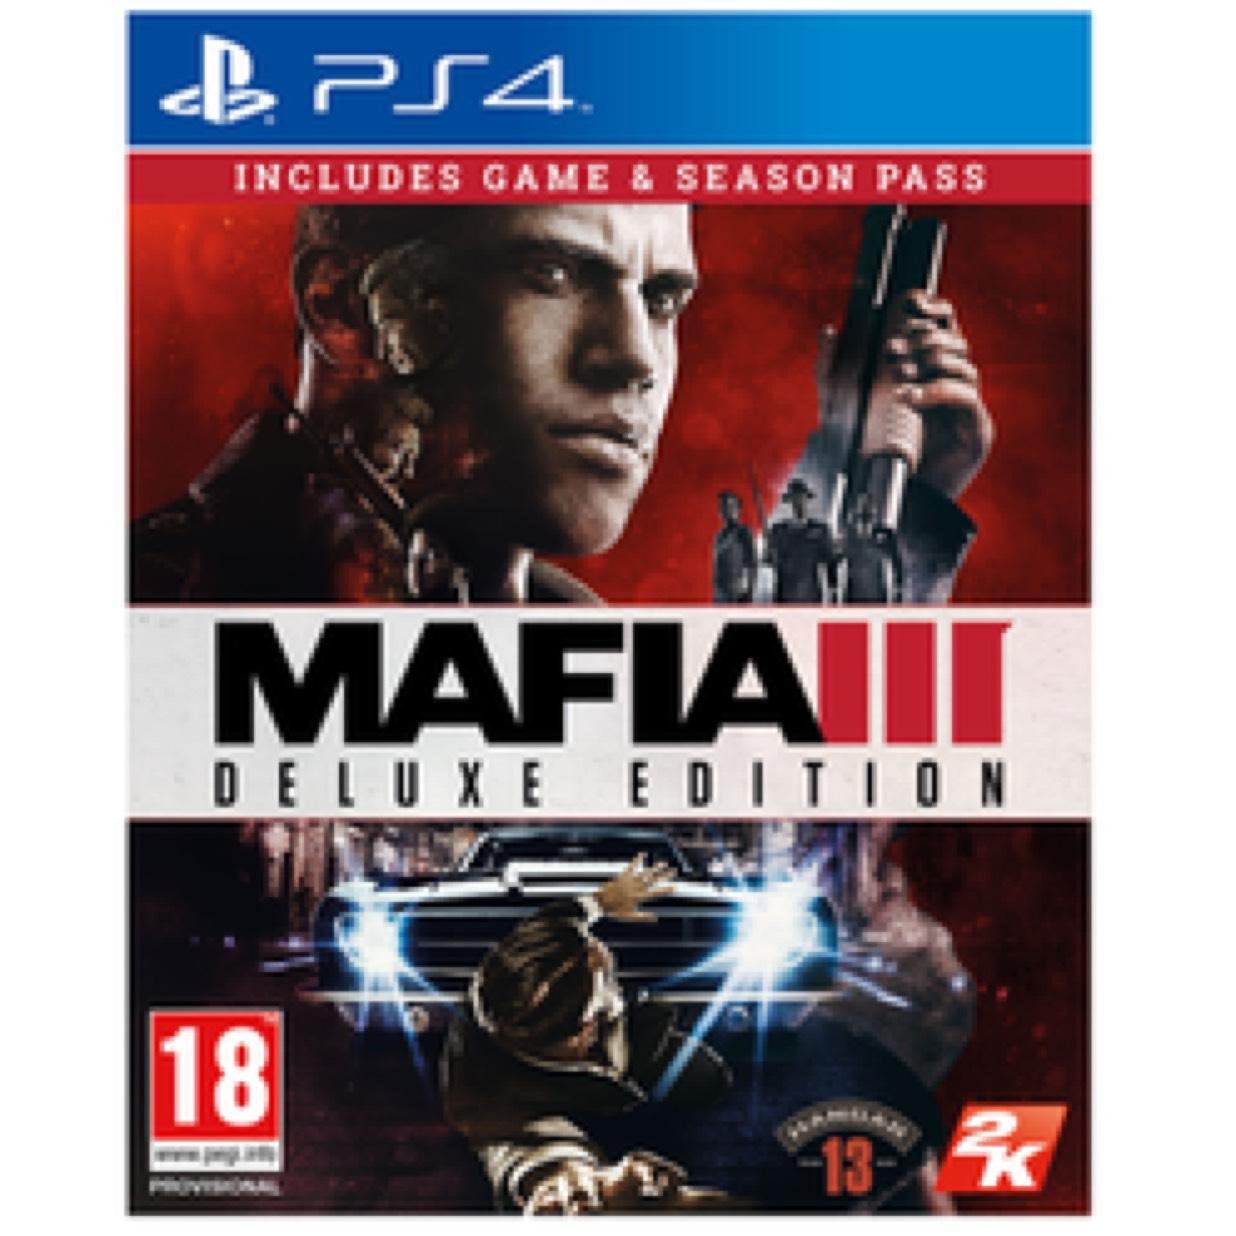 Mafia 3 Deluxe edition (PS4/XB1) £19.99 @ GAME